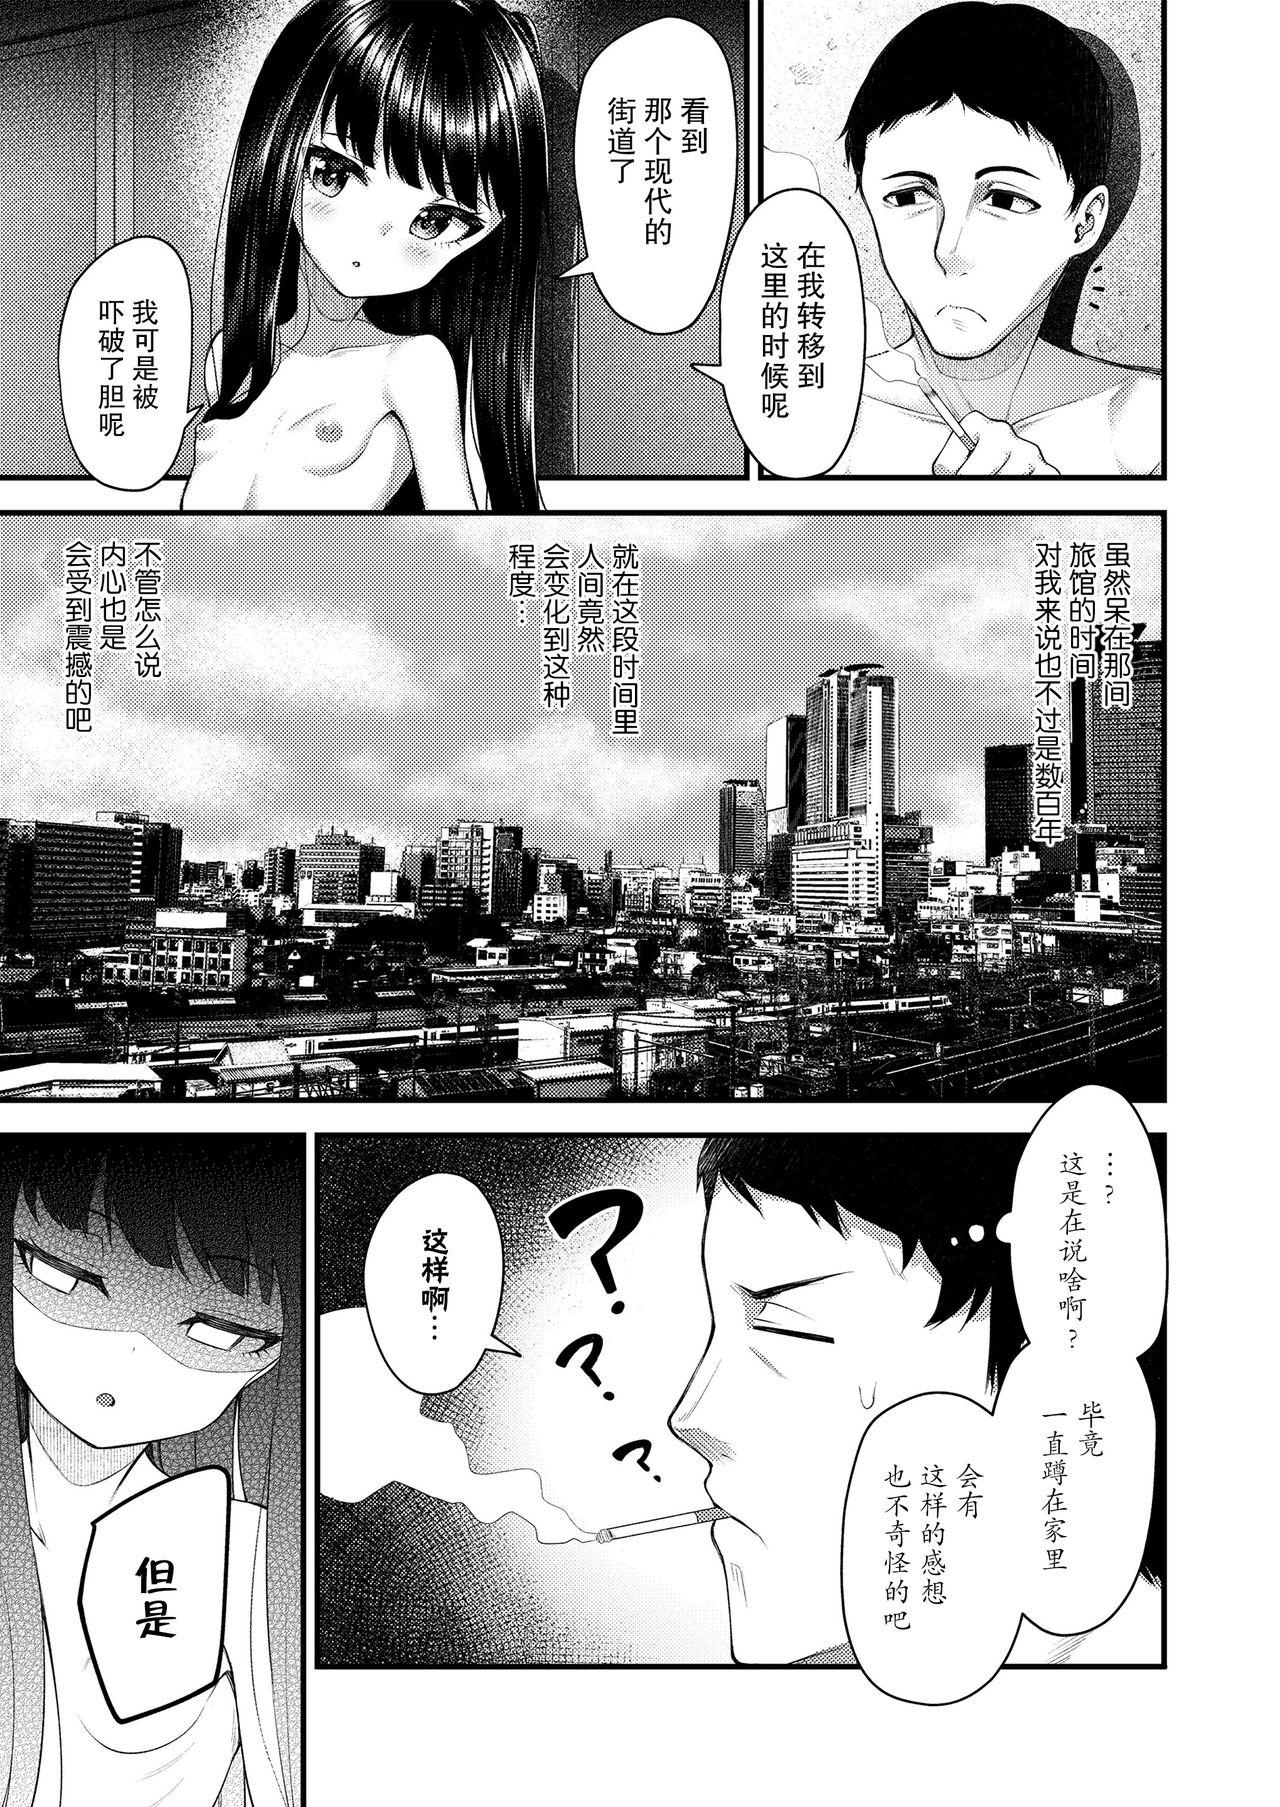 Towako Oboro Emaki Go 20